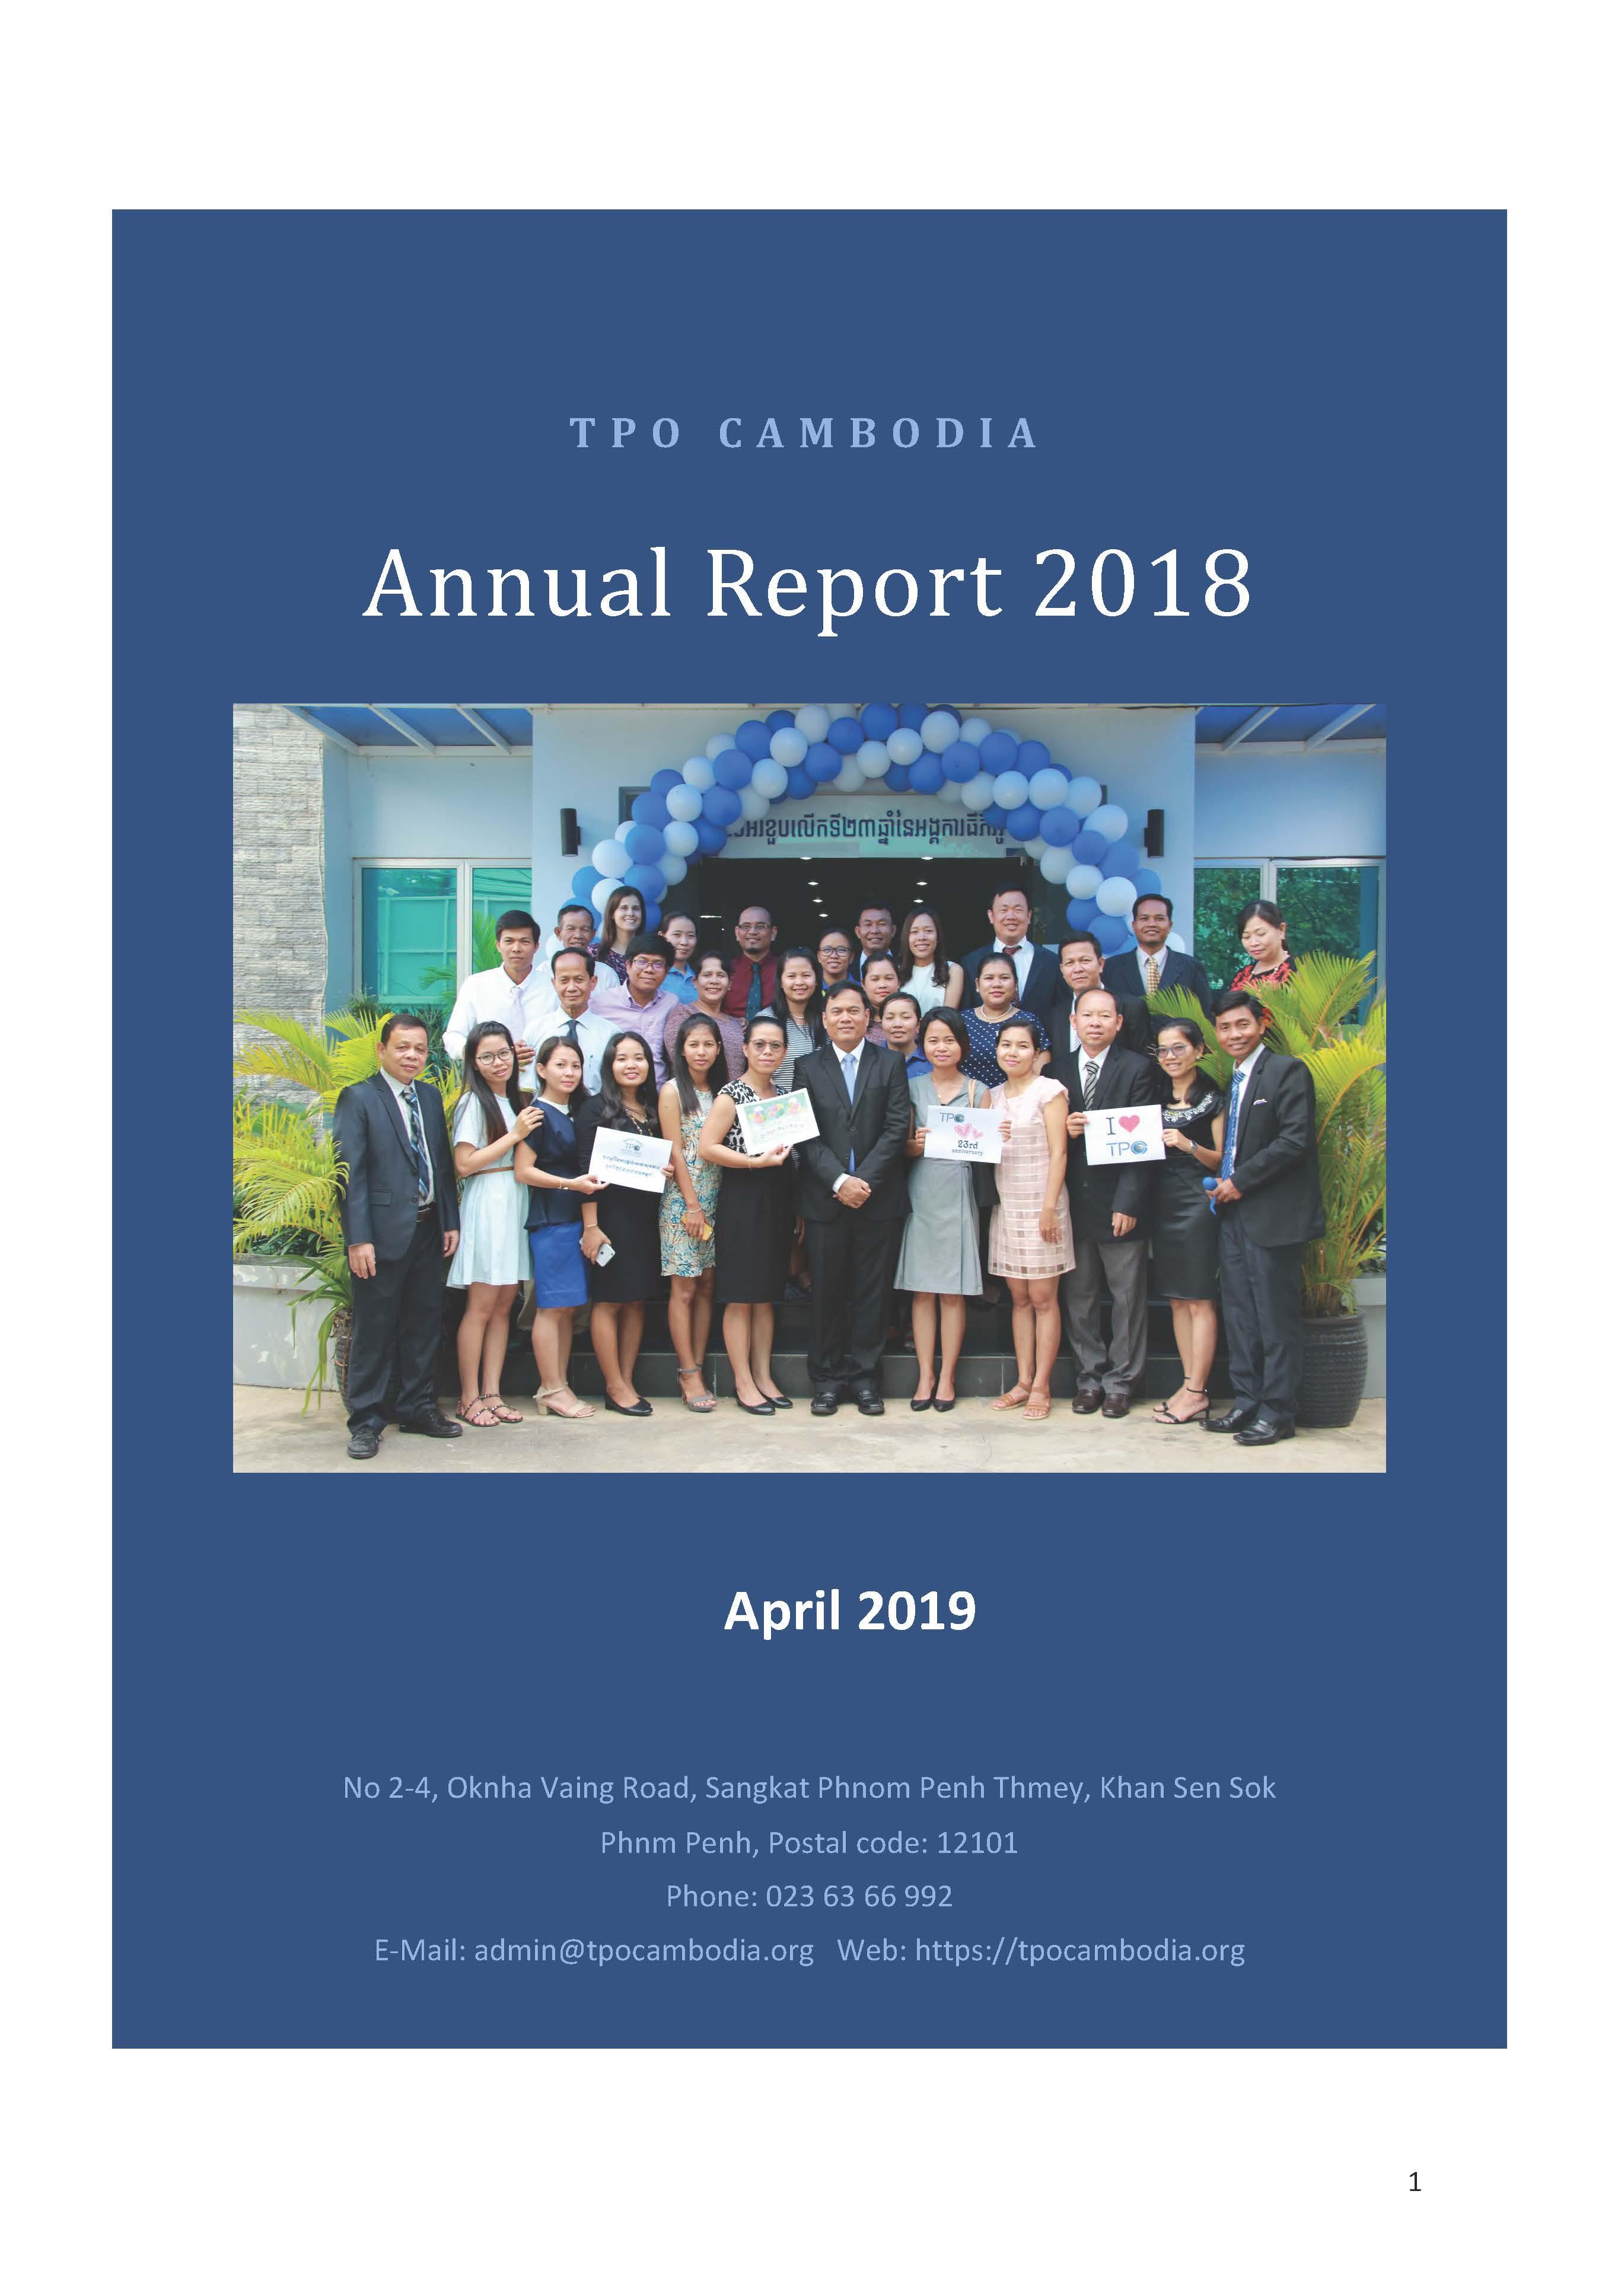 TPO Annual Report 2018